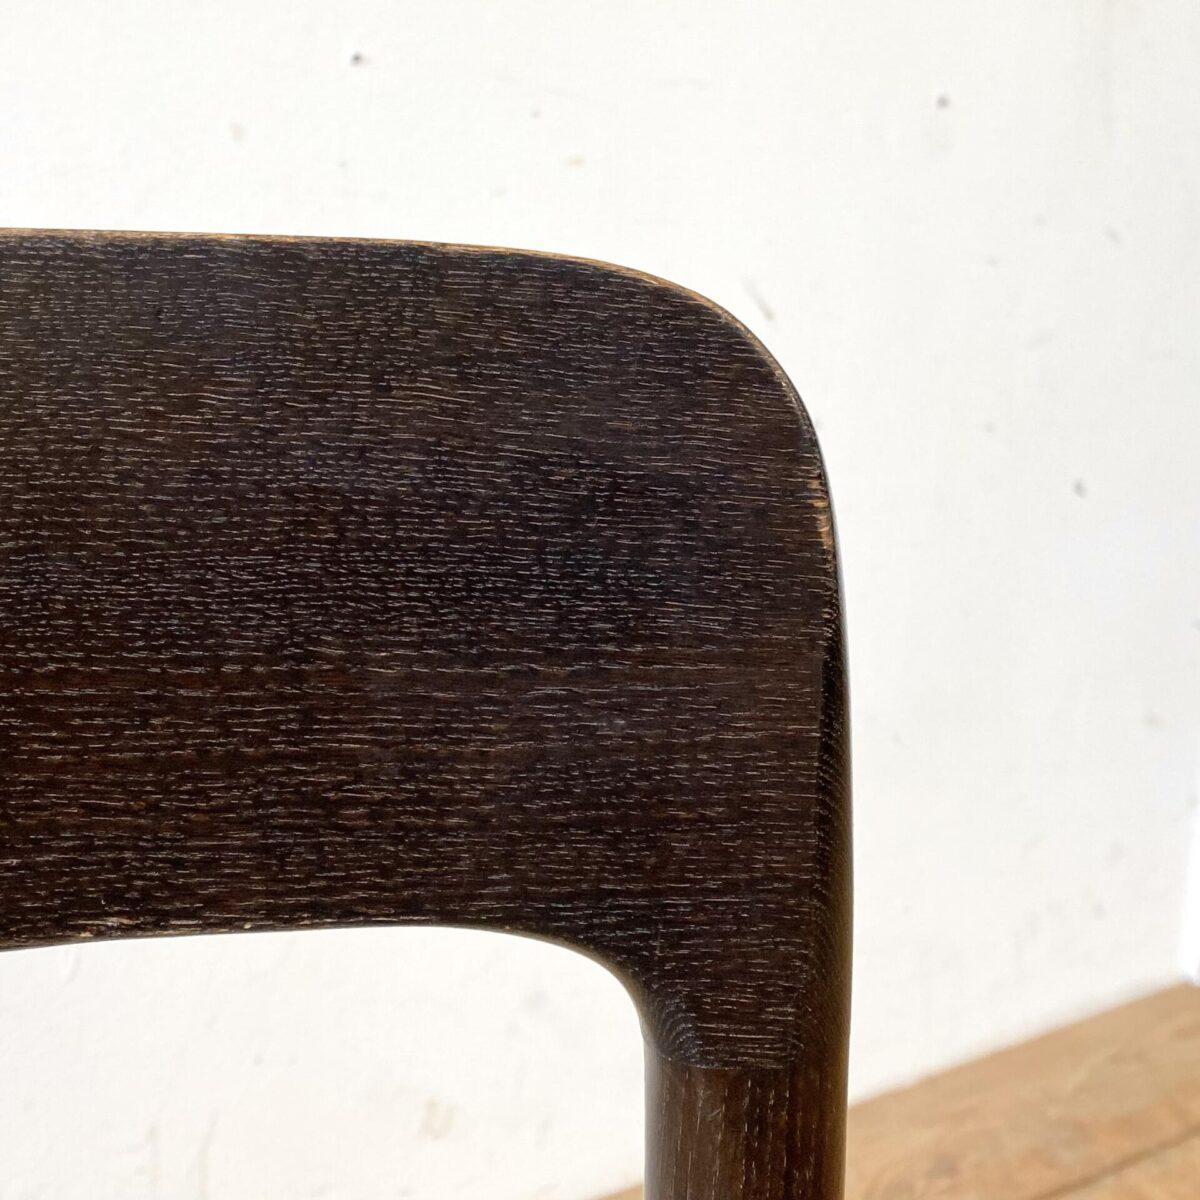 Deuxieme.shop danish midcentury dining chairs. Zwei Esszimmer Stühle von Nils Otto Möller für JL Möller, 60er/70er Jahre made in denmark. Die Stühle sind aus Eichenholz, dunkelbraun gebeizt. Sitzfläche Papier Kordel Geflecht. Schöner Allgemein Zustand, die Kanten bei der Rückenlehnen sind leicht abgewetzt und etwas heller.